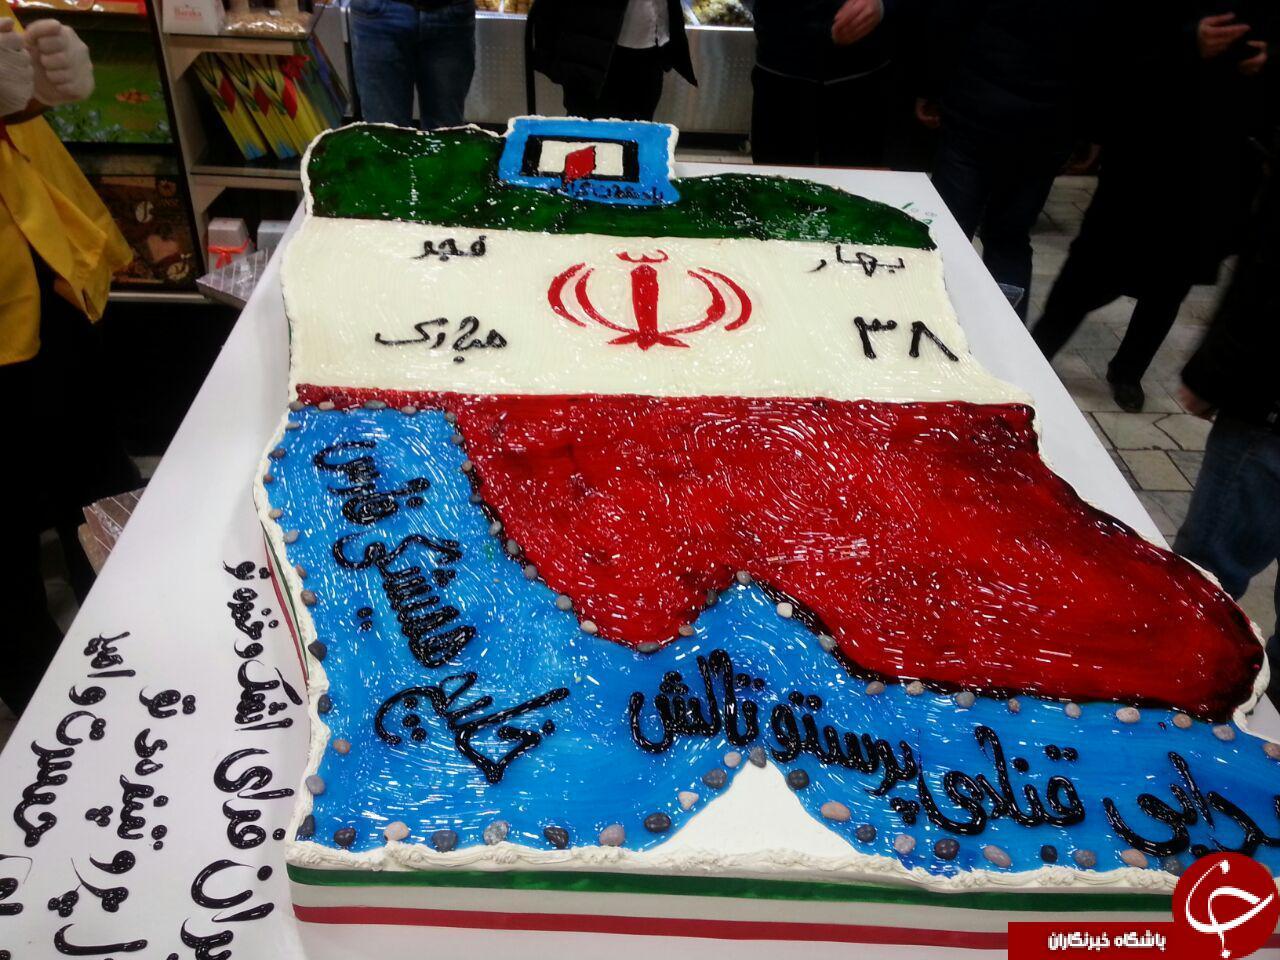 کیک 150 کیلویی به مناسبت پیروزی انقلاب , کیک 150 کیلویی در تالش , پخت کیک 150 کیلویی